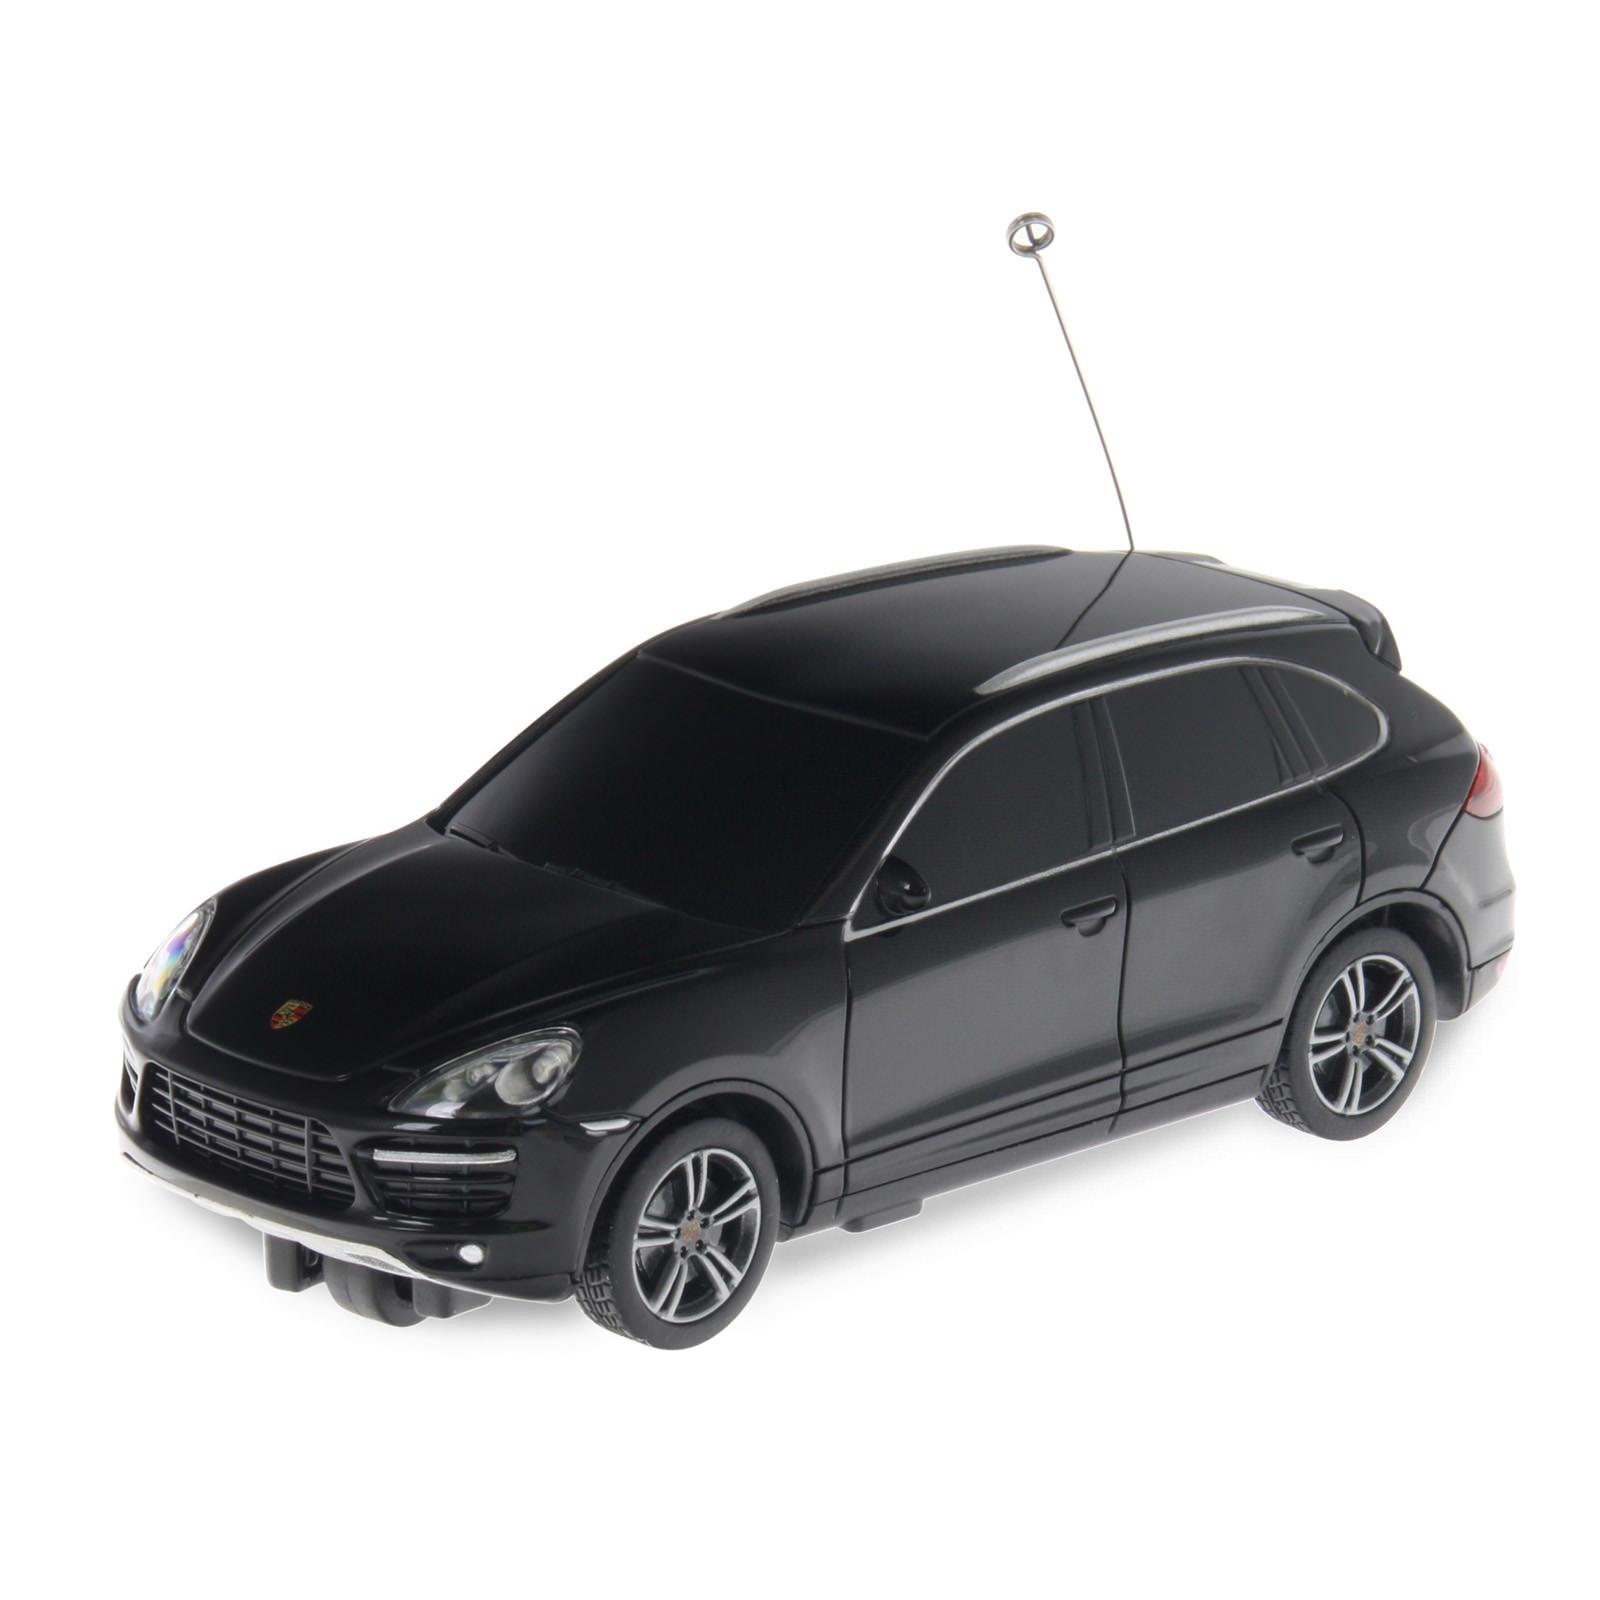 Black Porsche Cayenne